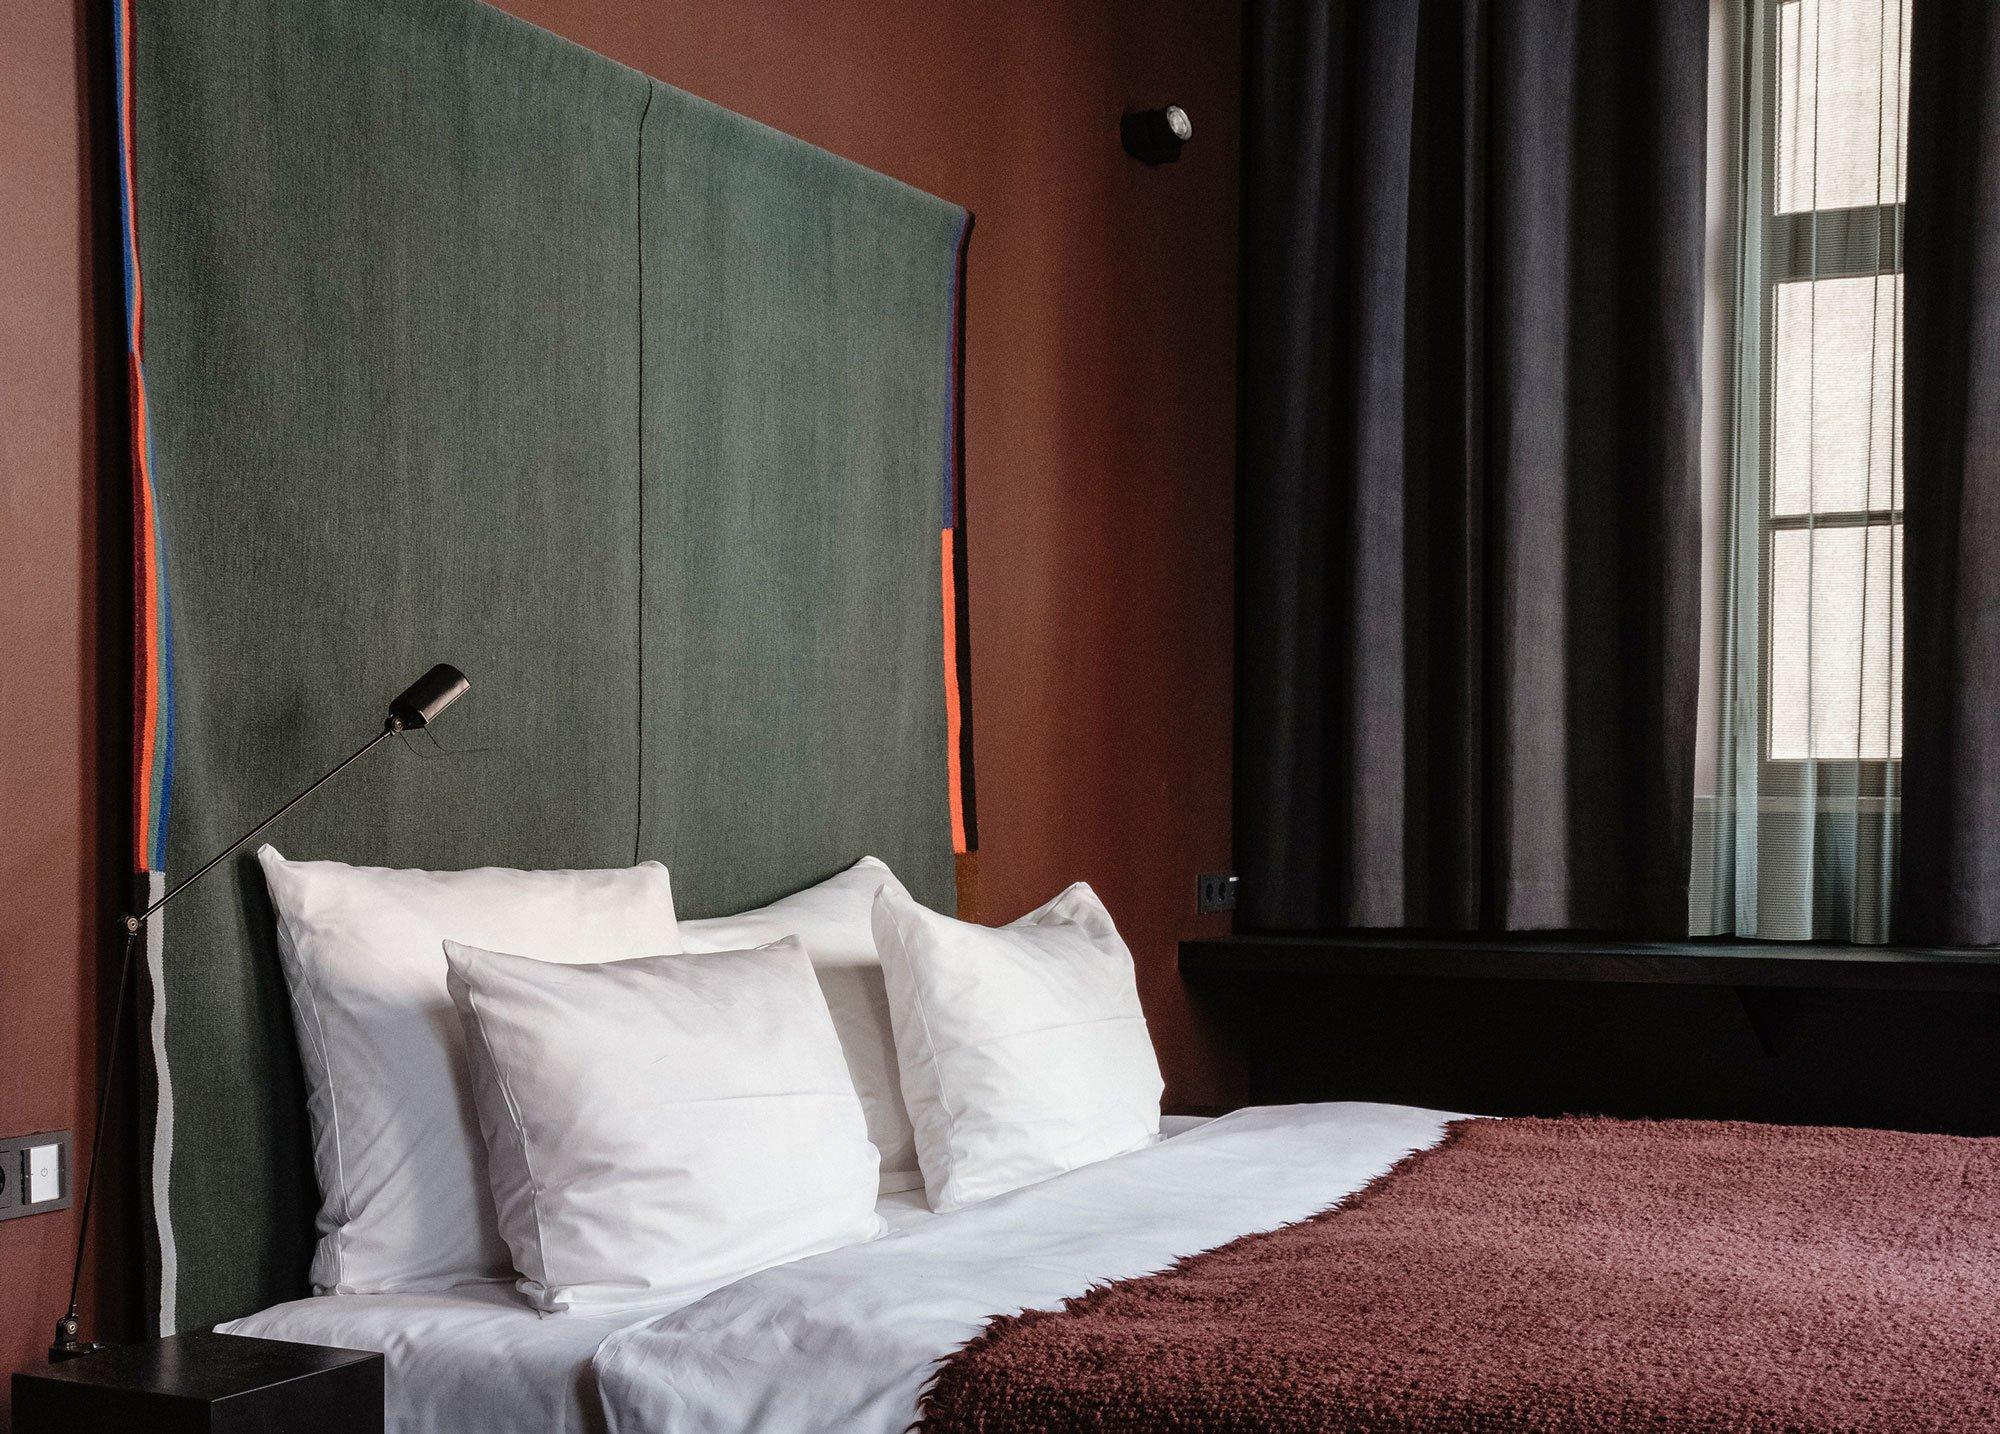 Schallschluckender Wandbehang: Für das Münchner Hotel Haus im Tal gestaltete das Berliner Label Reuber Henning zusammen mit der französischen Designerin Julie Richoz Kelims, die einen traditionellen Kontrapunkt zur minimalistischen Einrichtung setzen. Foto: Reuber Henning